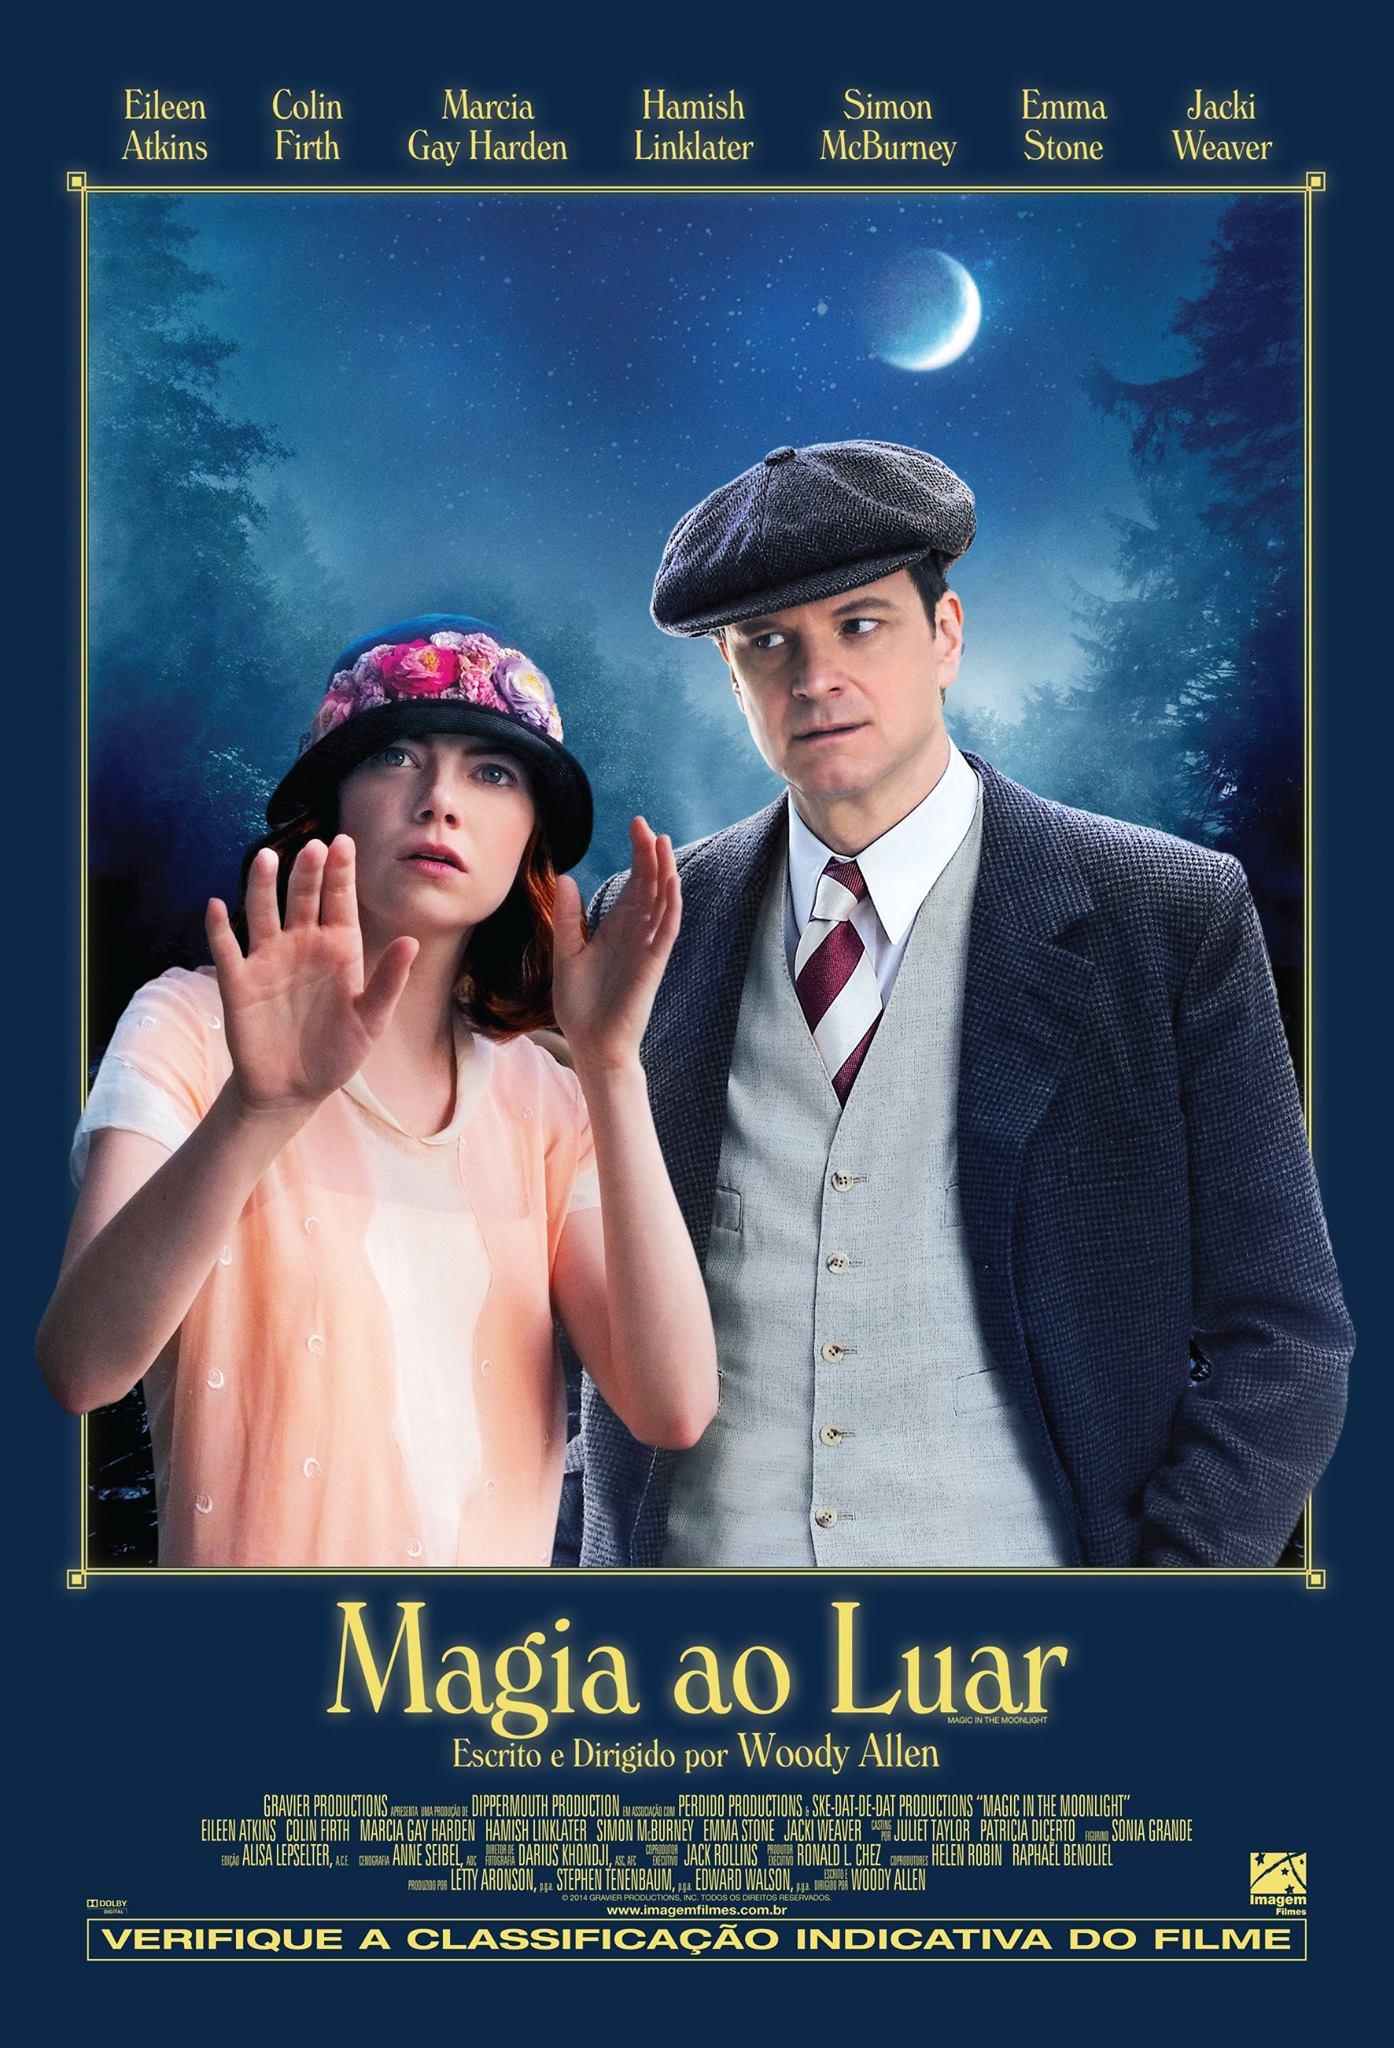 Poster Magia ao Luar de Woody Allen